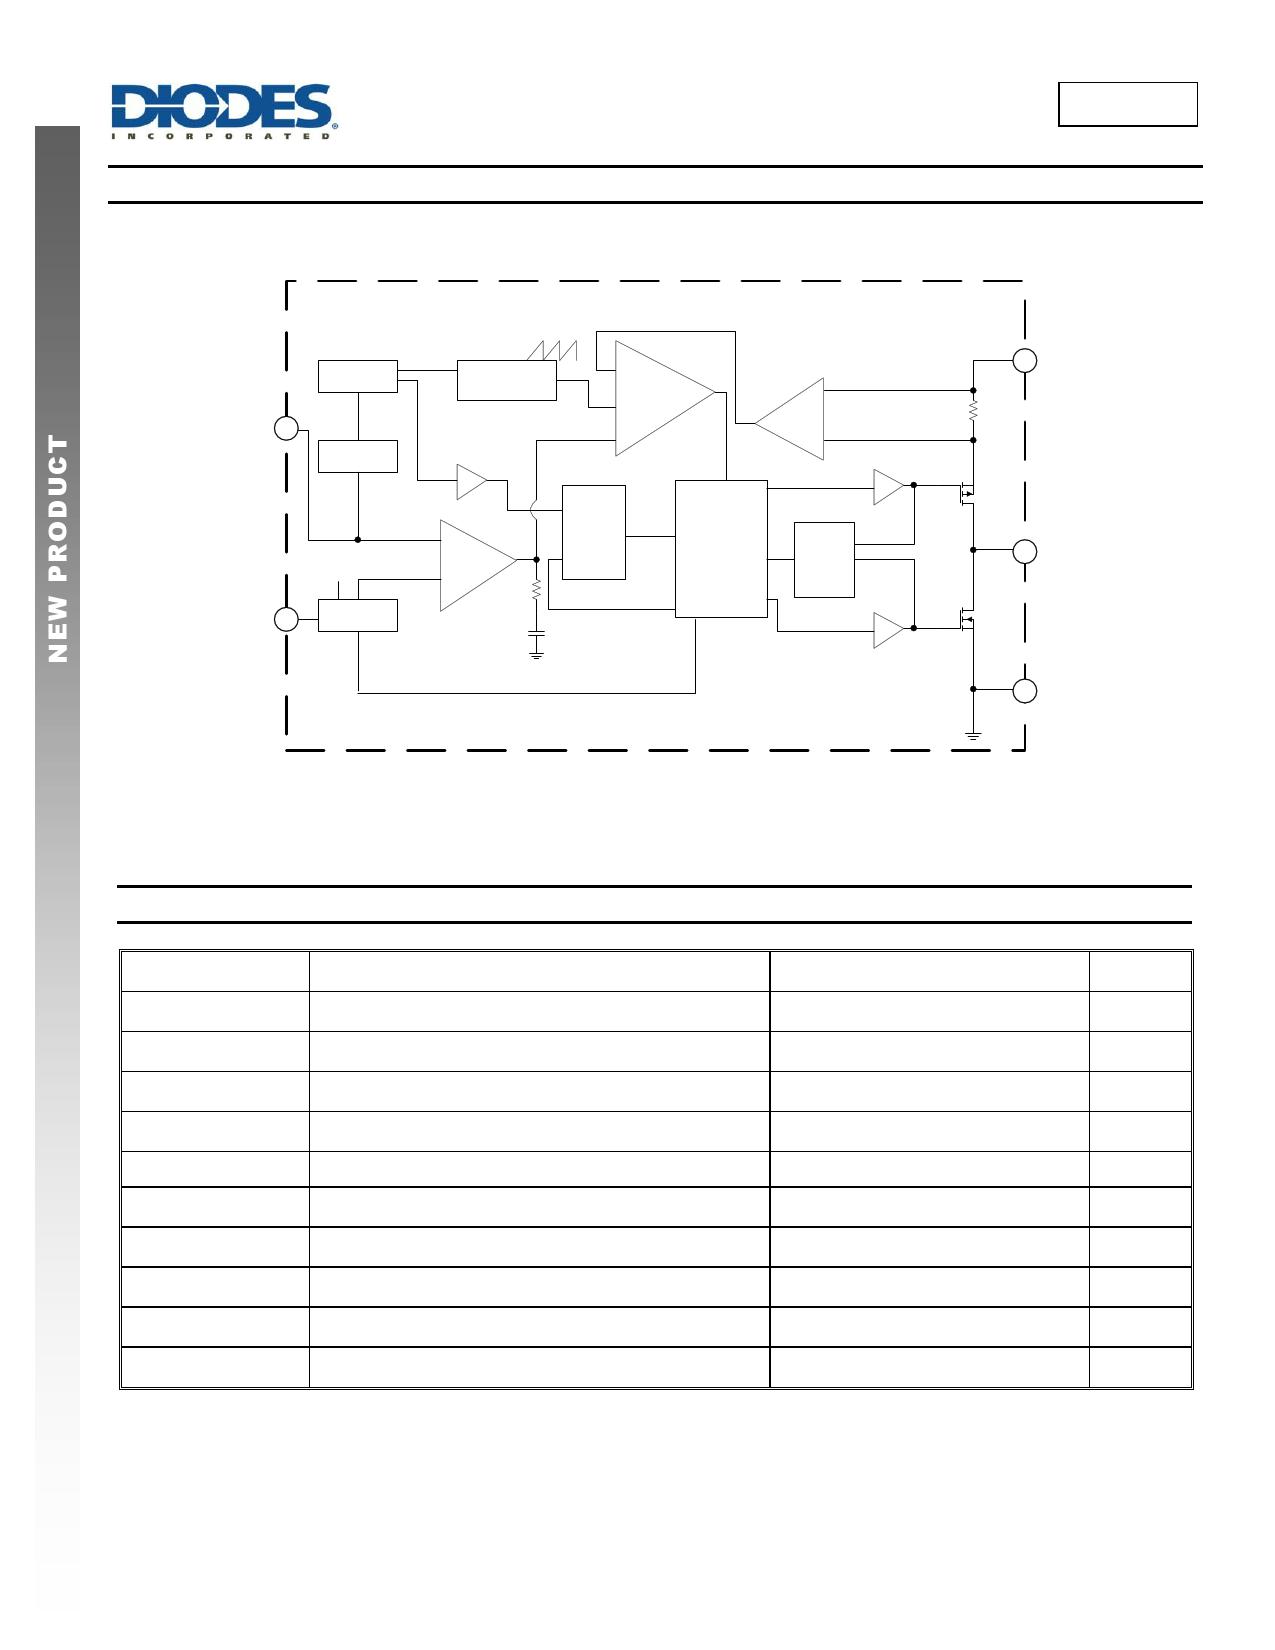 AP3419 pdf, 電子部品, 半導体, ピン配列